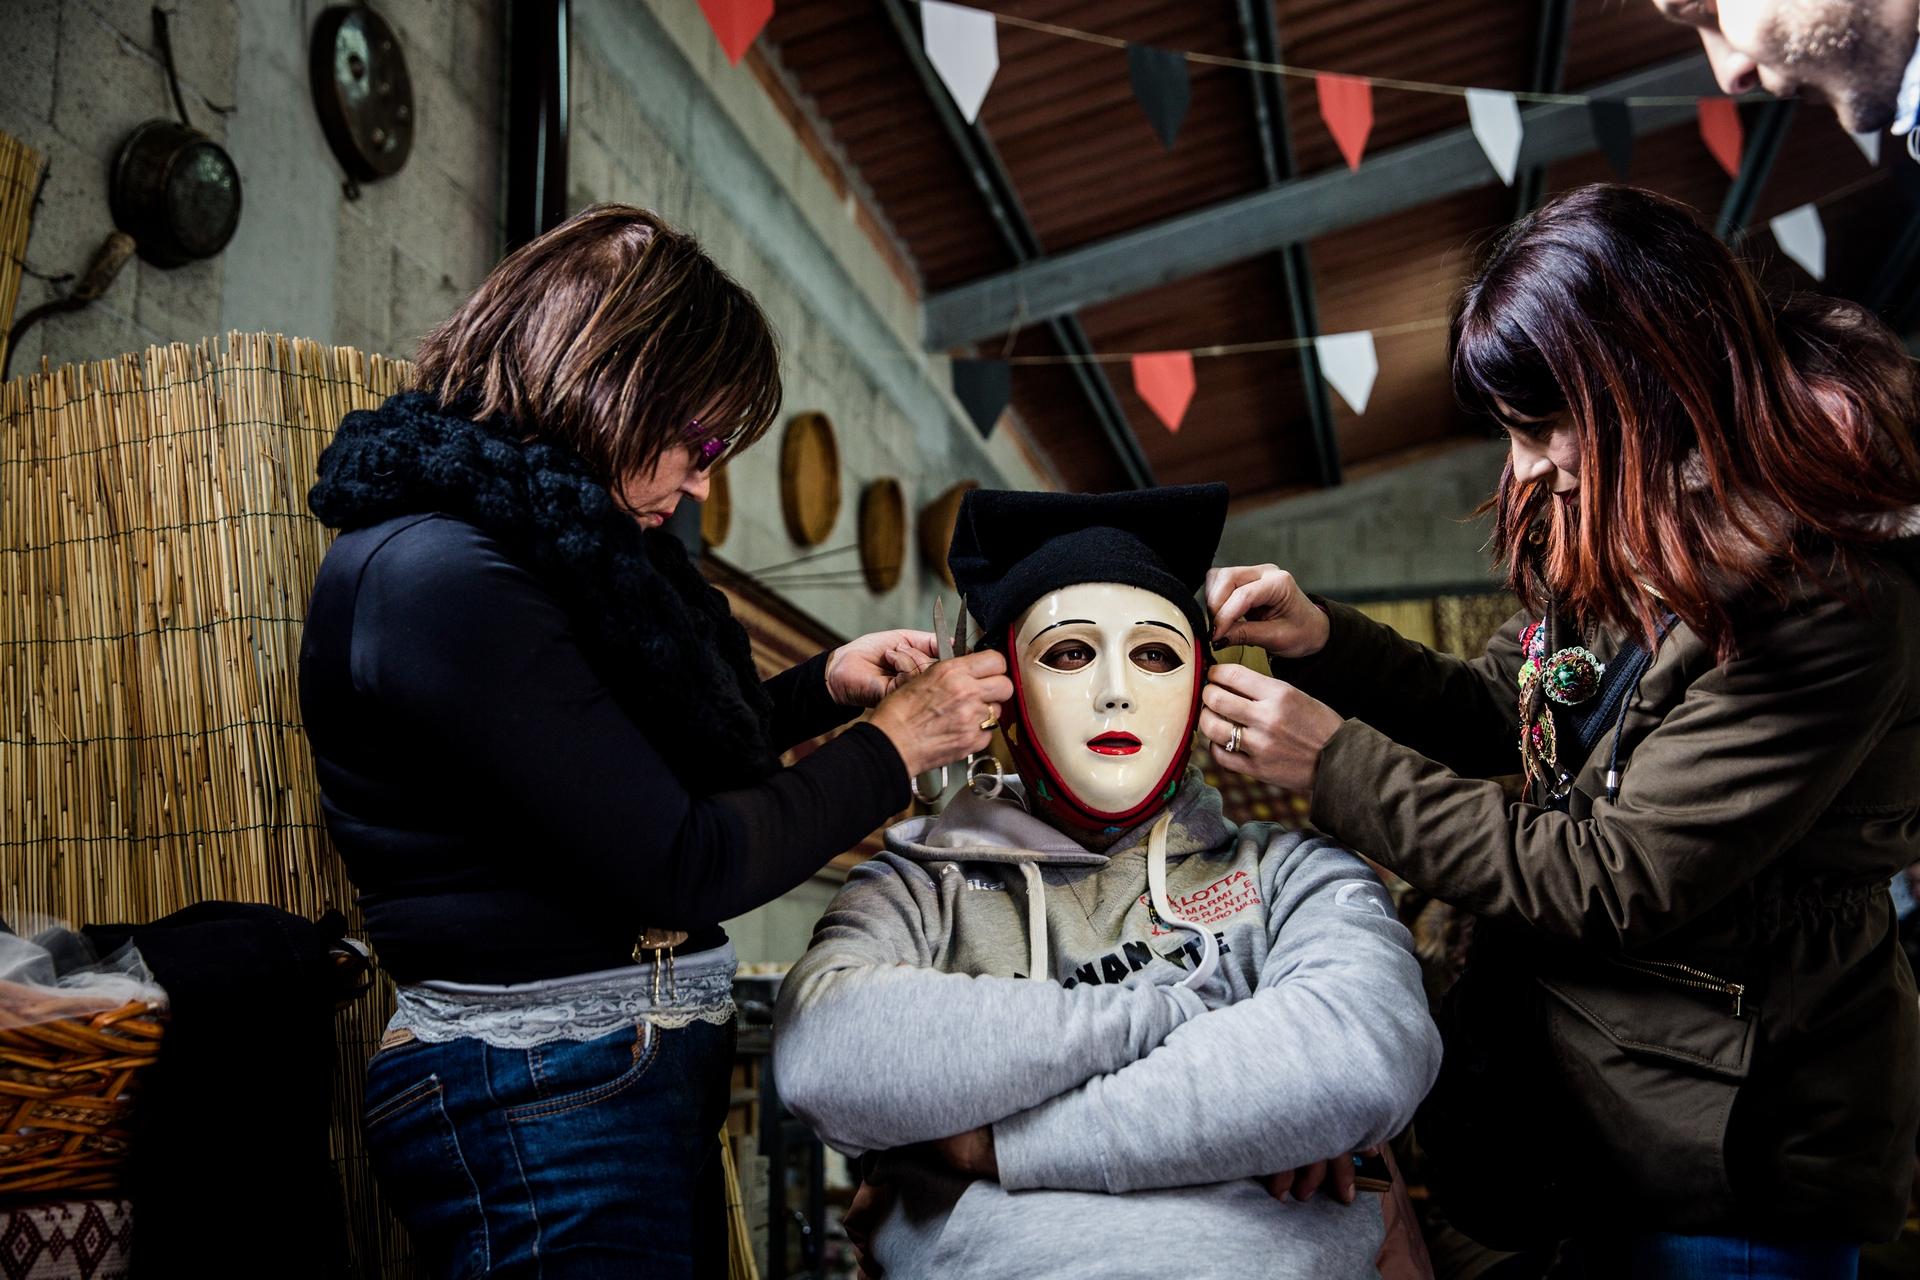 馬廄內的準備事宜  - 在「康波里多利」著裝的同時,馬廄內另外100多名騎士也正為鎮上的大遊行做準備。 PHOTOGRAPH BY MICHELE ARDU